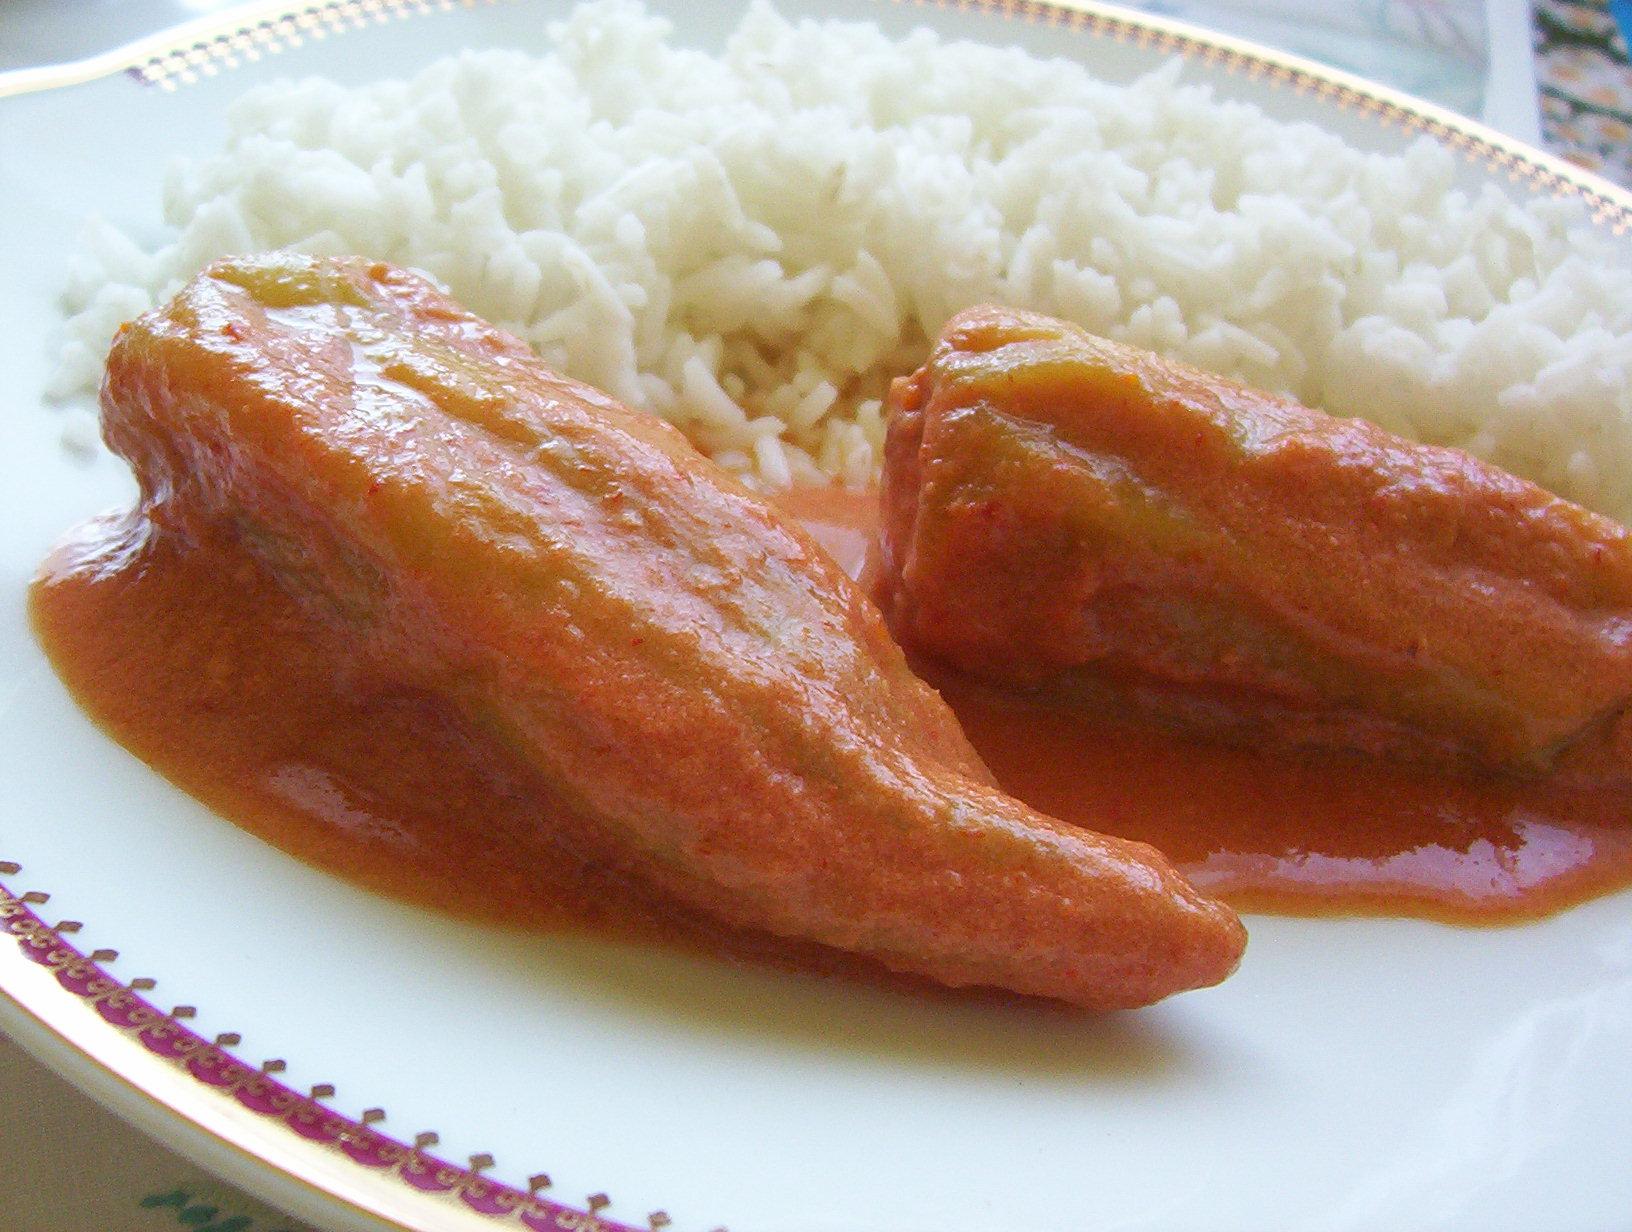 Papriky v rajské omáčce